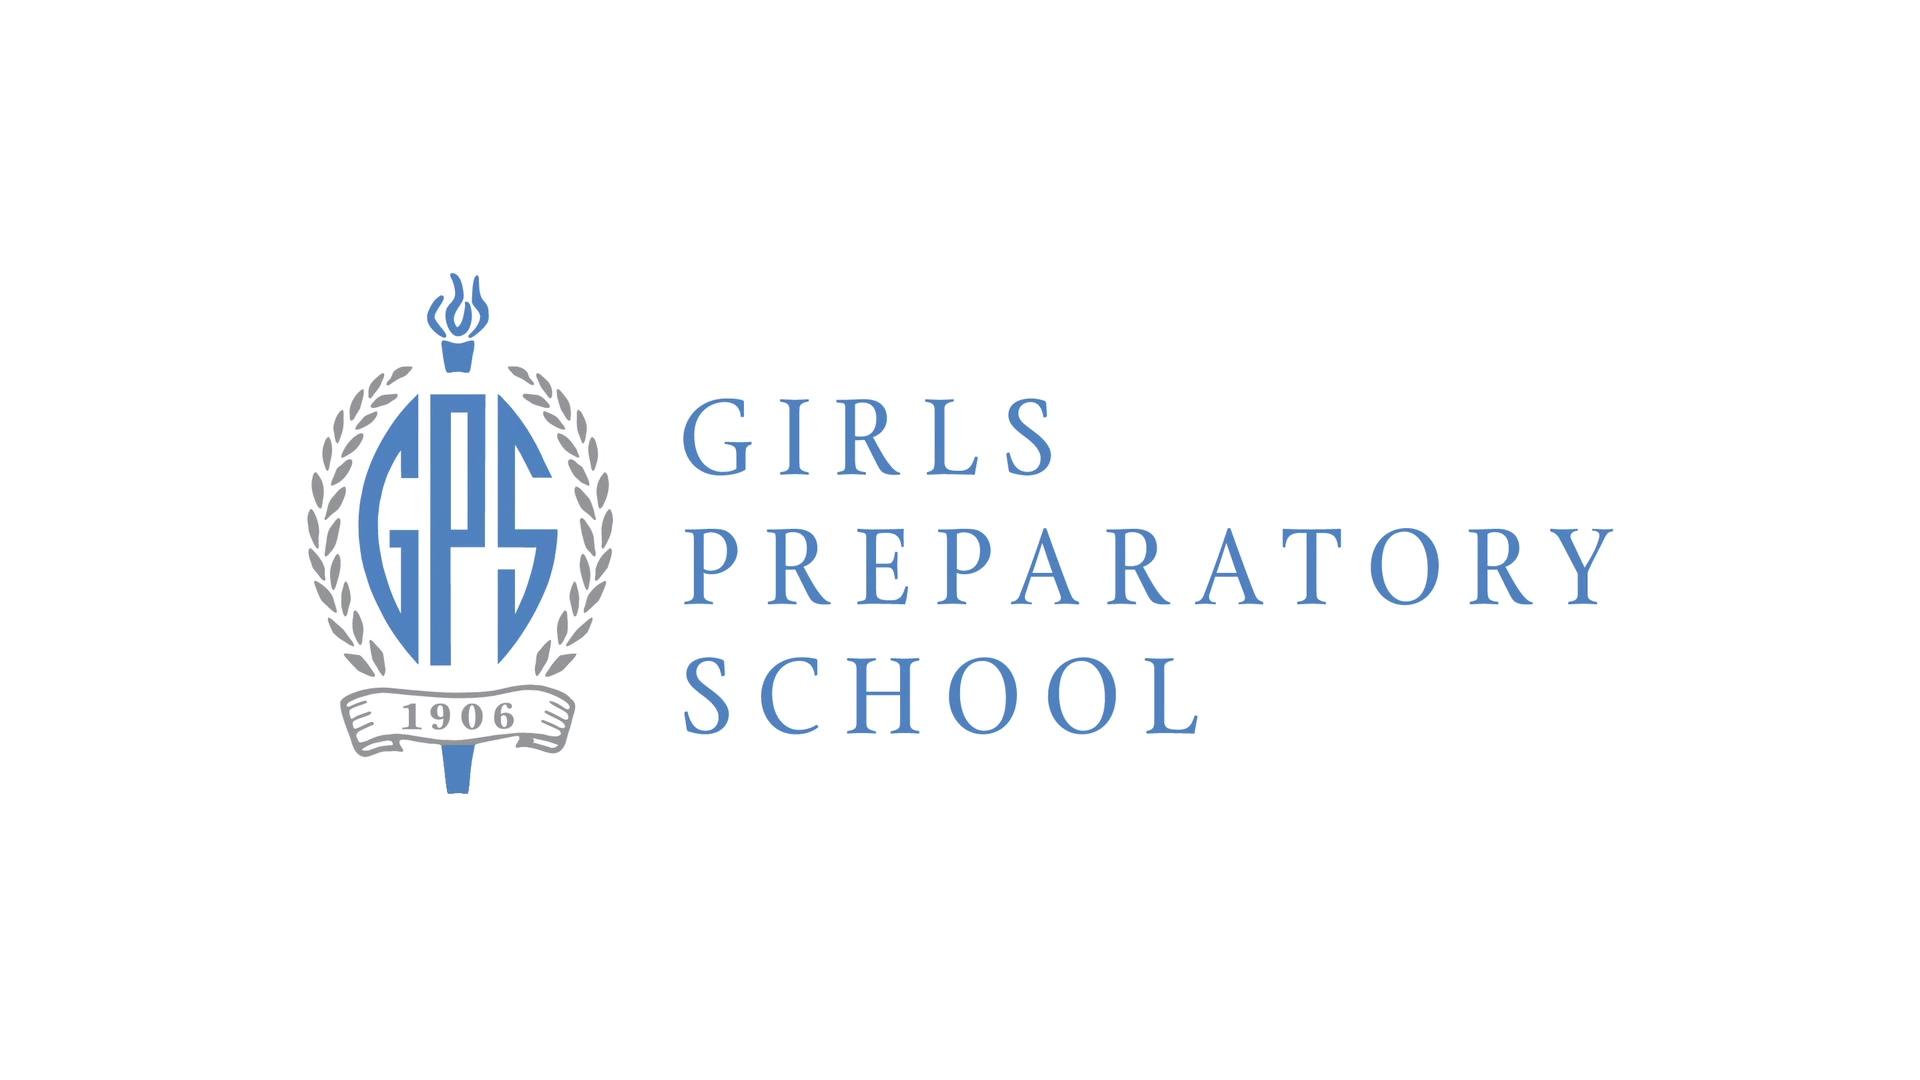 Why a Girls School?